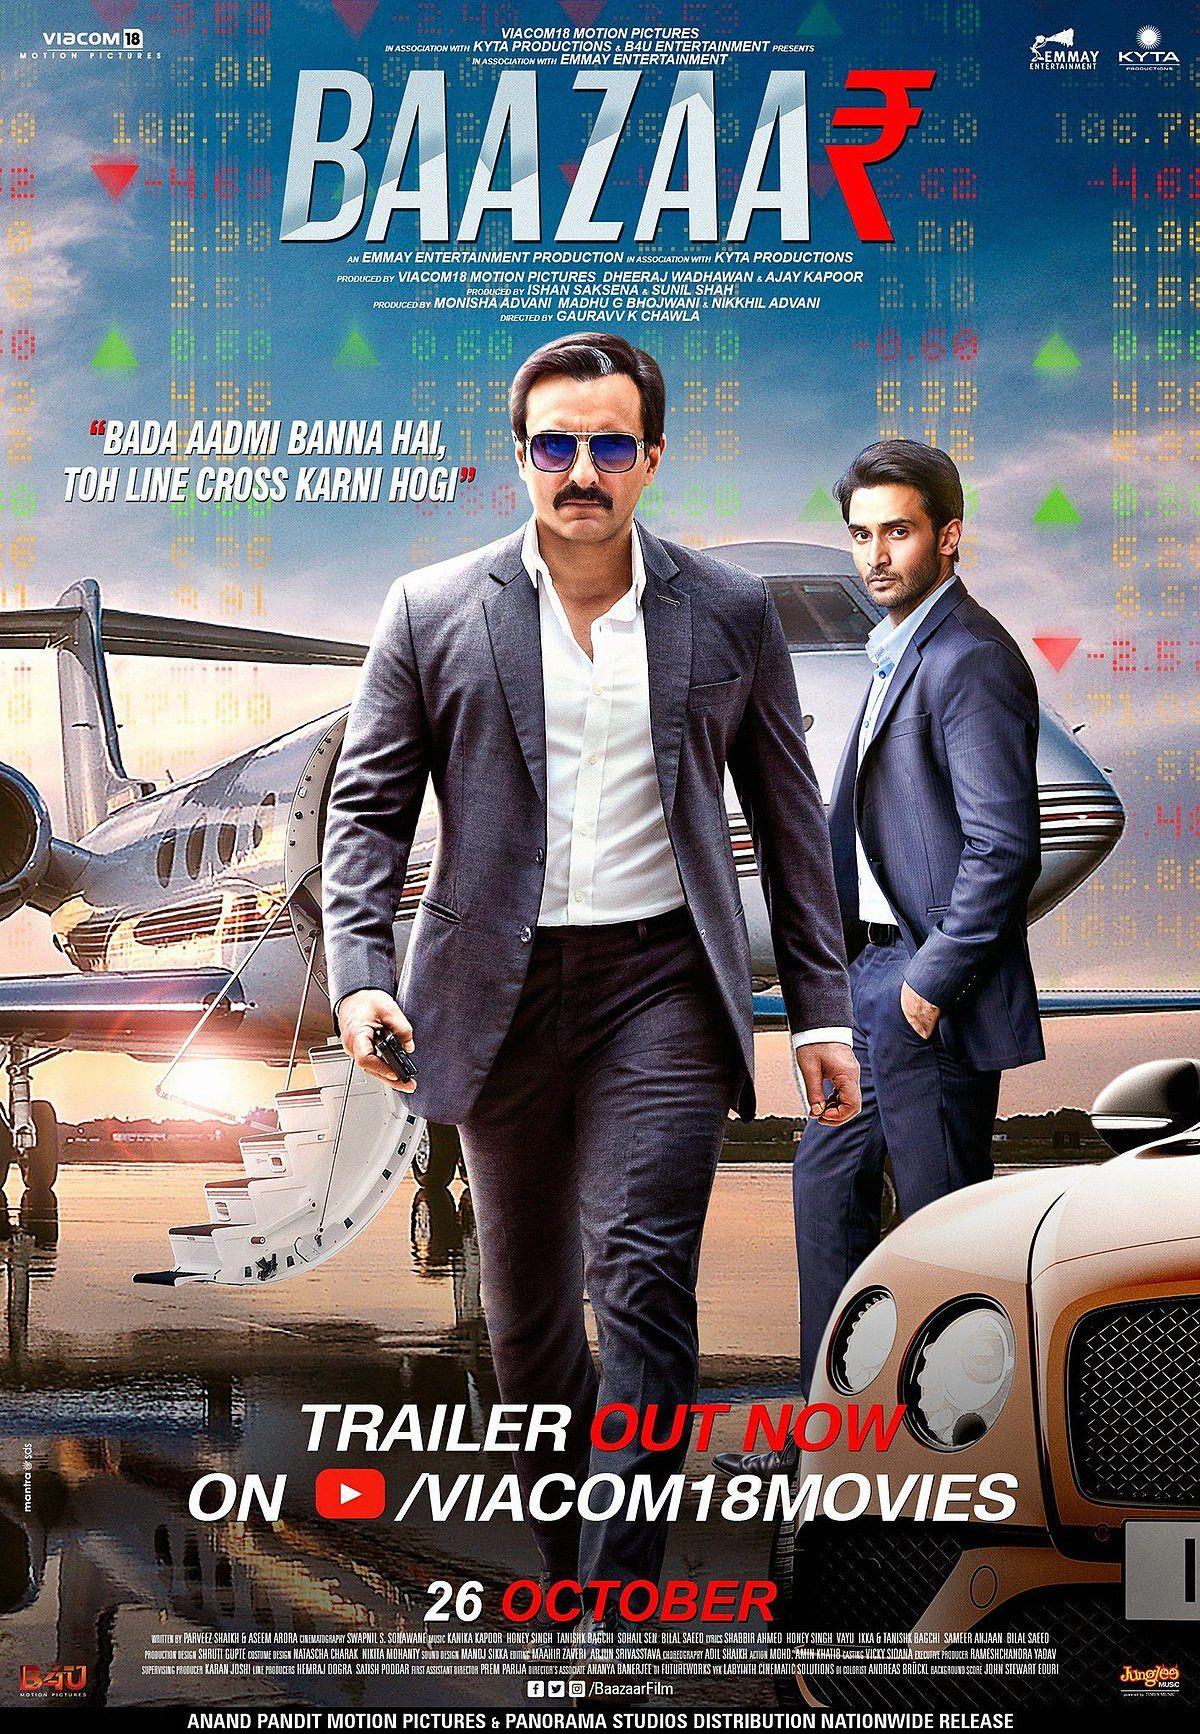 baazaar 2018 full movie download 720p openload